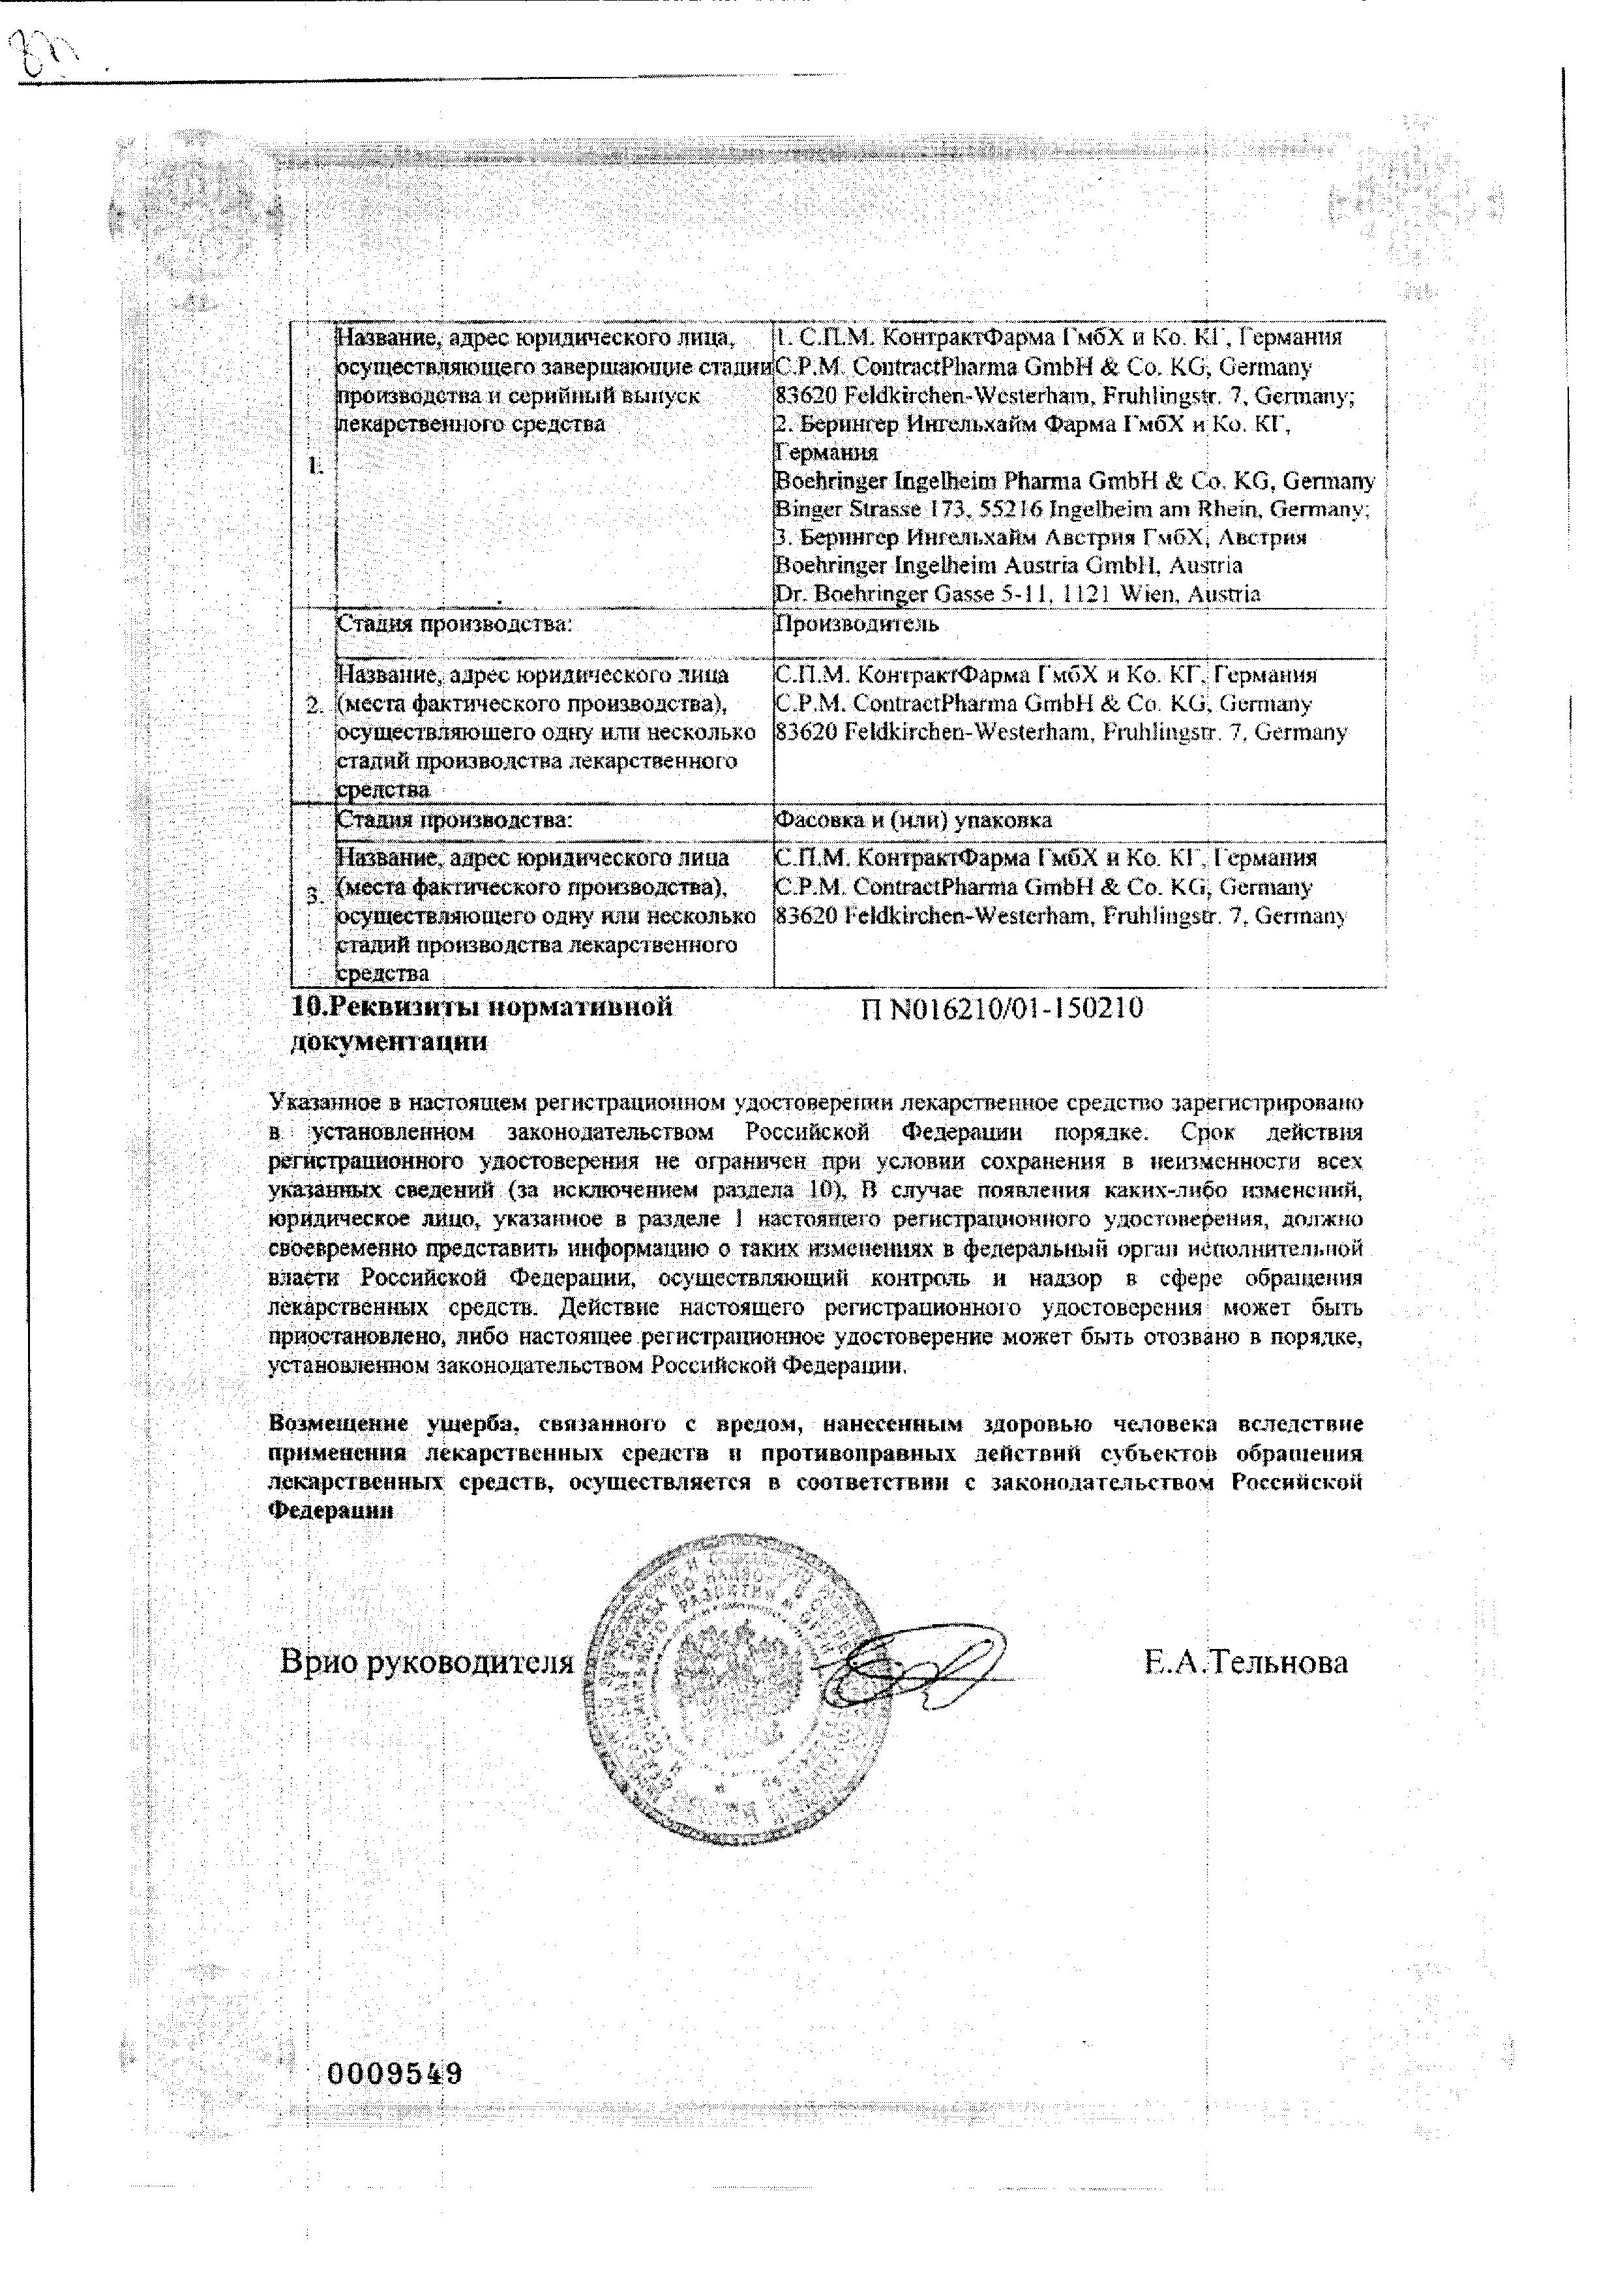 Финалгель сертификат